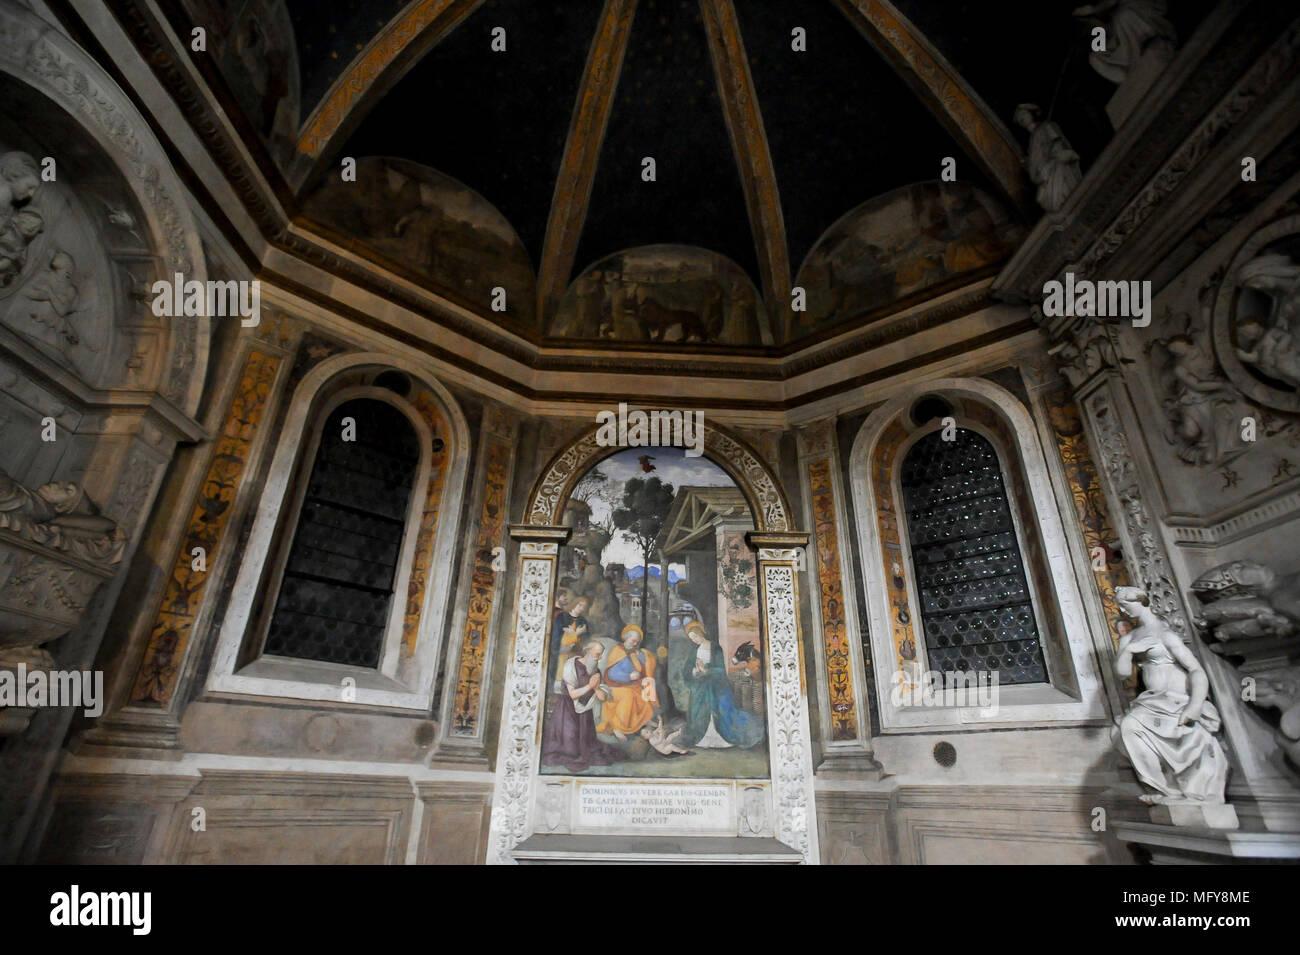 Cappella del Presepio or Cappella di San Girolamo (Della Rovere or Saint Jerome Chapel or Chapel of the Nativity) in Renaissance and Baroque Basilica  - Stock Image